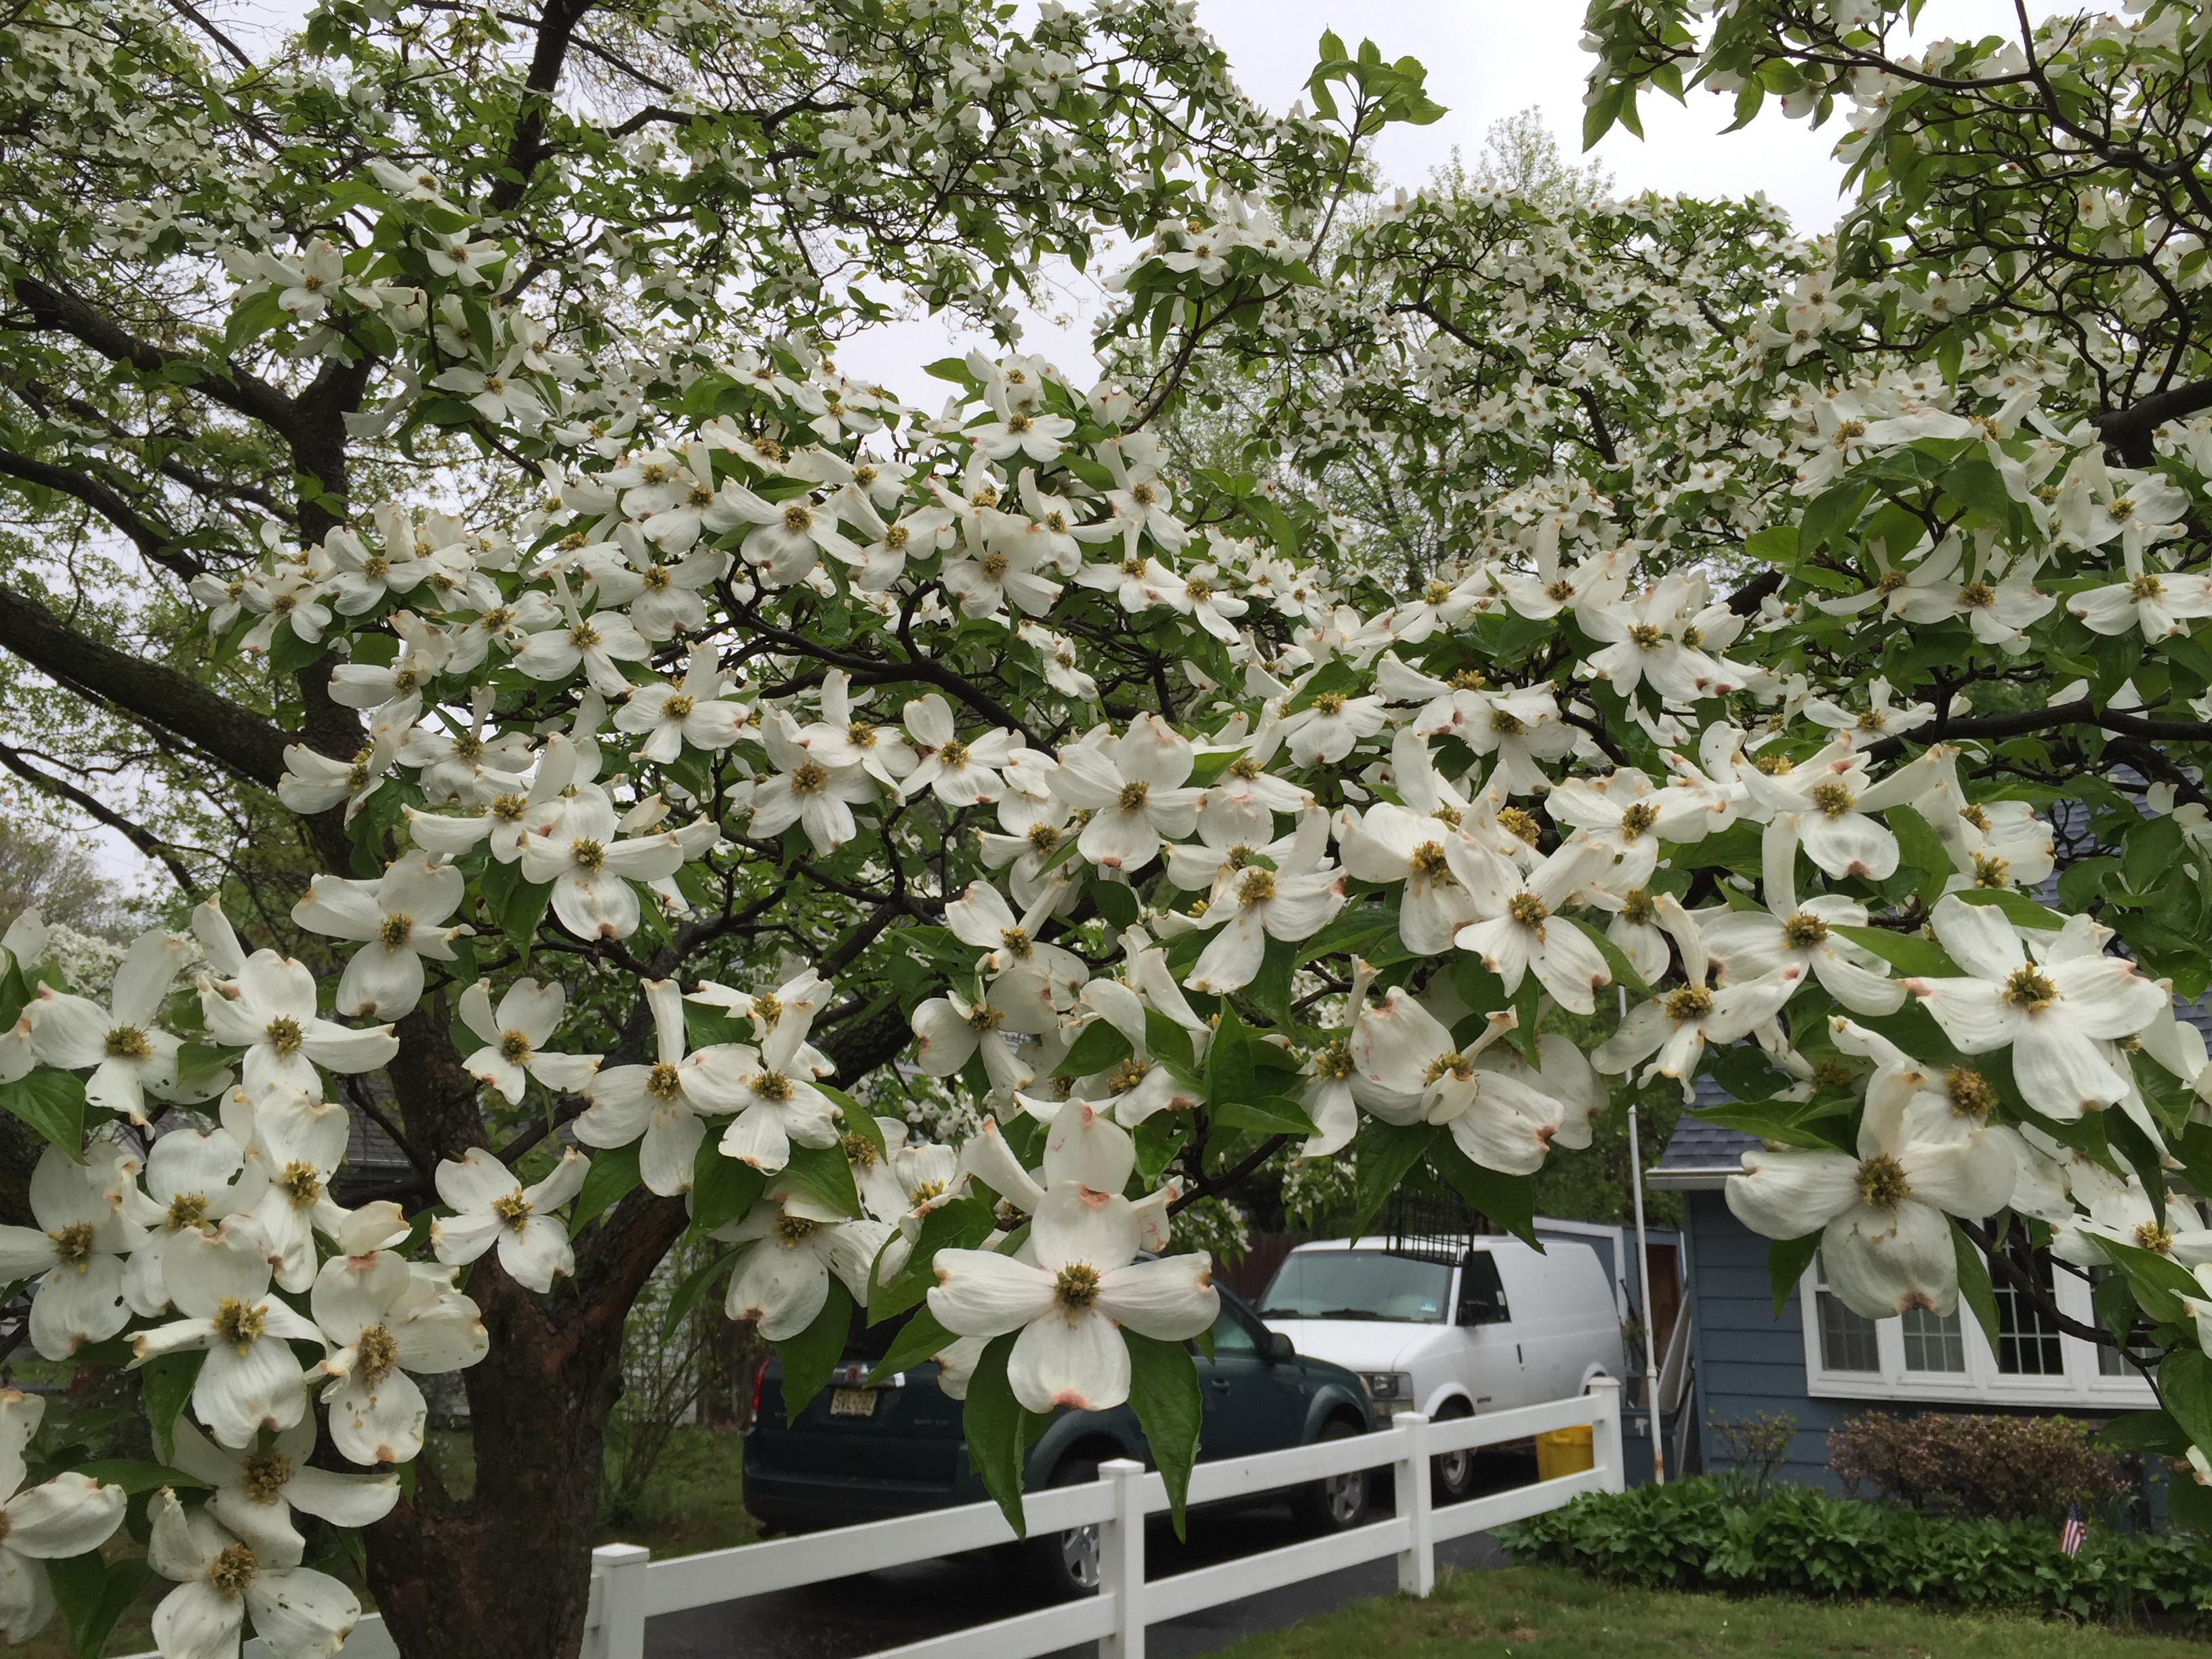 File2016 05 03 11 06 45 White Flowering Dogwood Blossoms Along